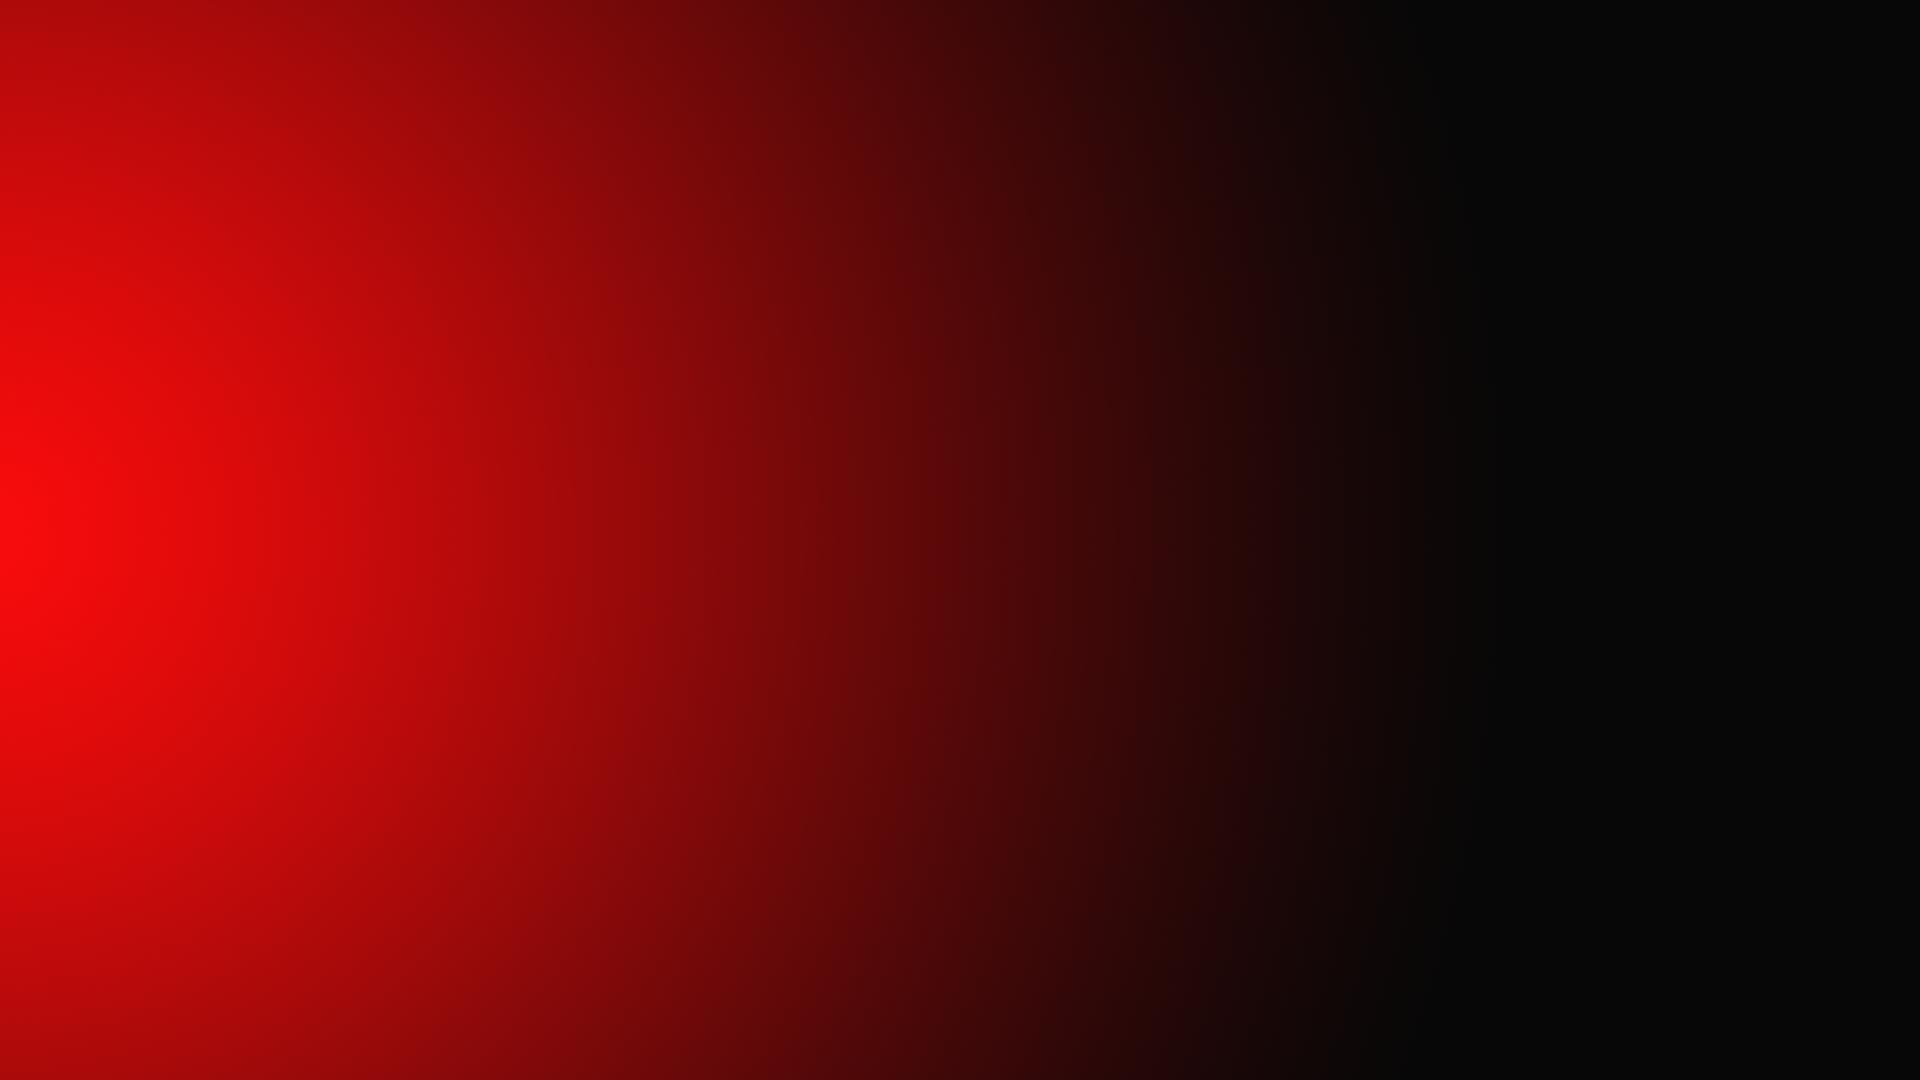 comwp contentuploads201210Red black gradient destop wallpaperpng 1920x1080